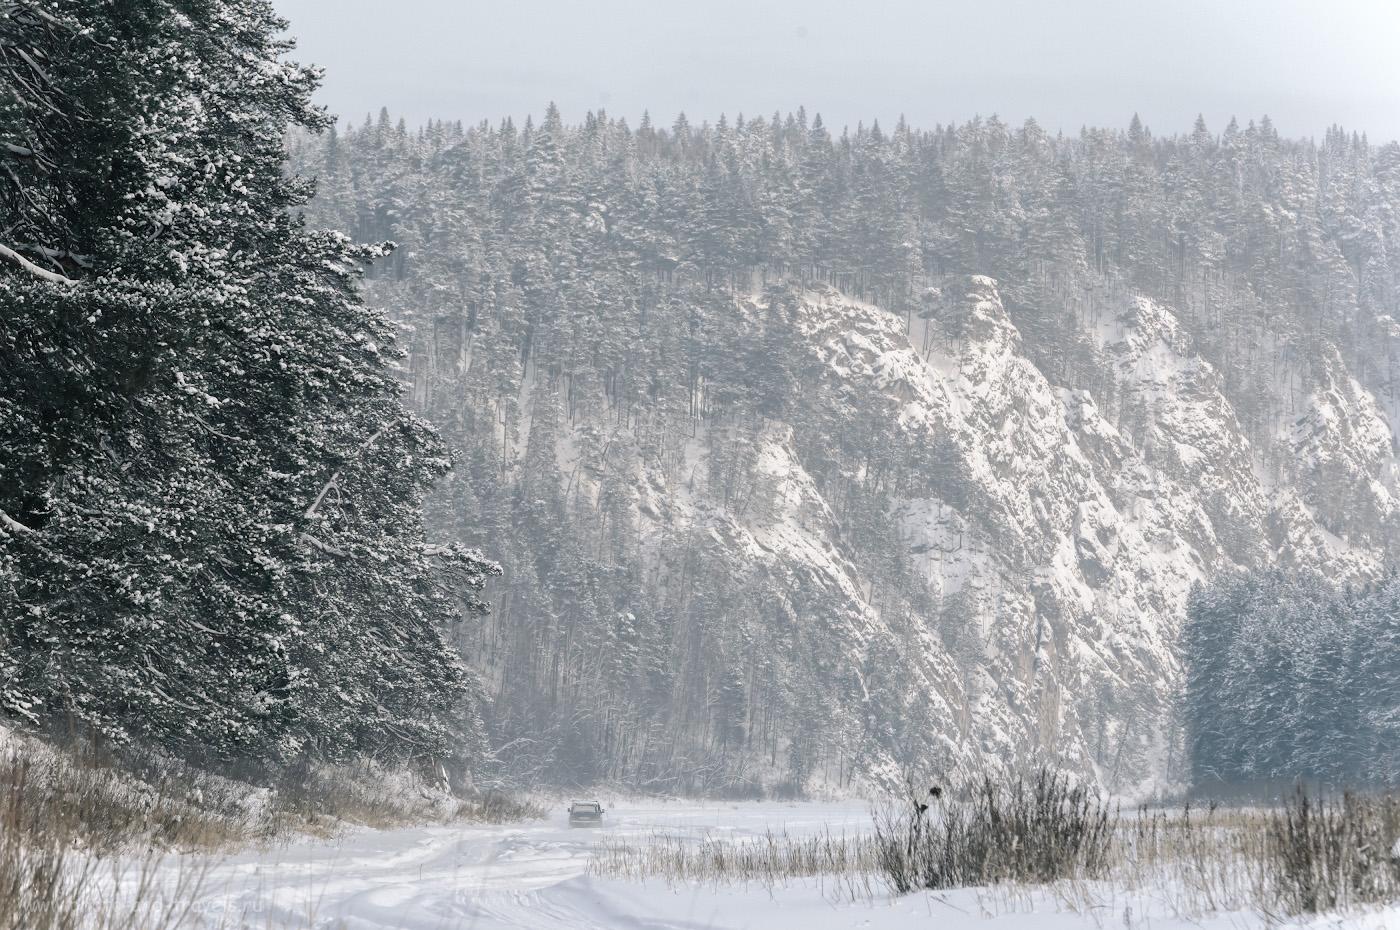 Фотография 24. Вид на западную часть камня Великан. По ледяному руслу реки Чусовая беспрерывно снуют автомобили. Интересный поход выходного дня в Пермском крае. 1/500, 8.0, 900, +1.0, 220.